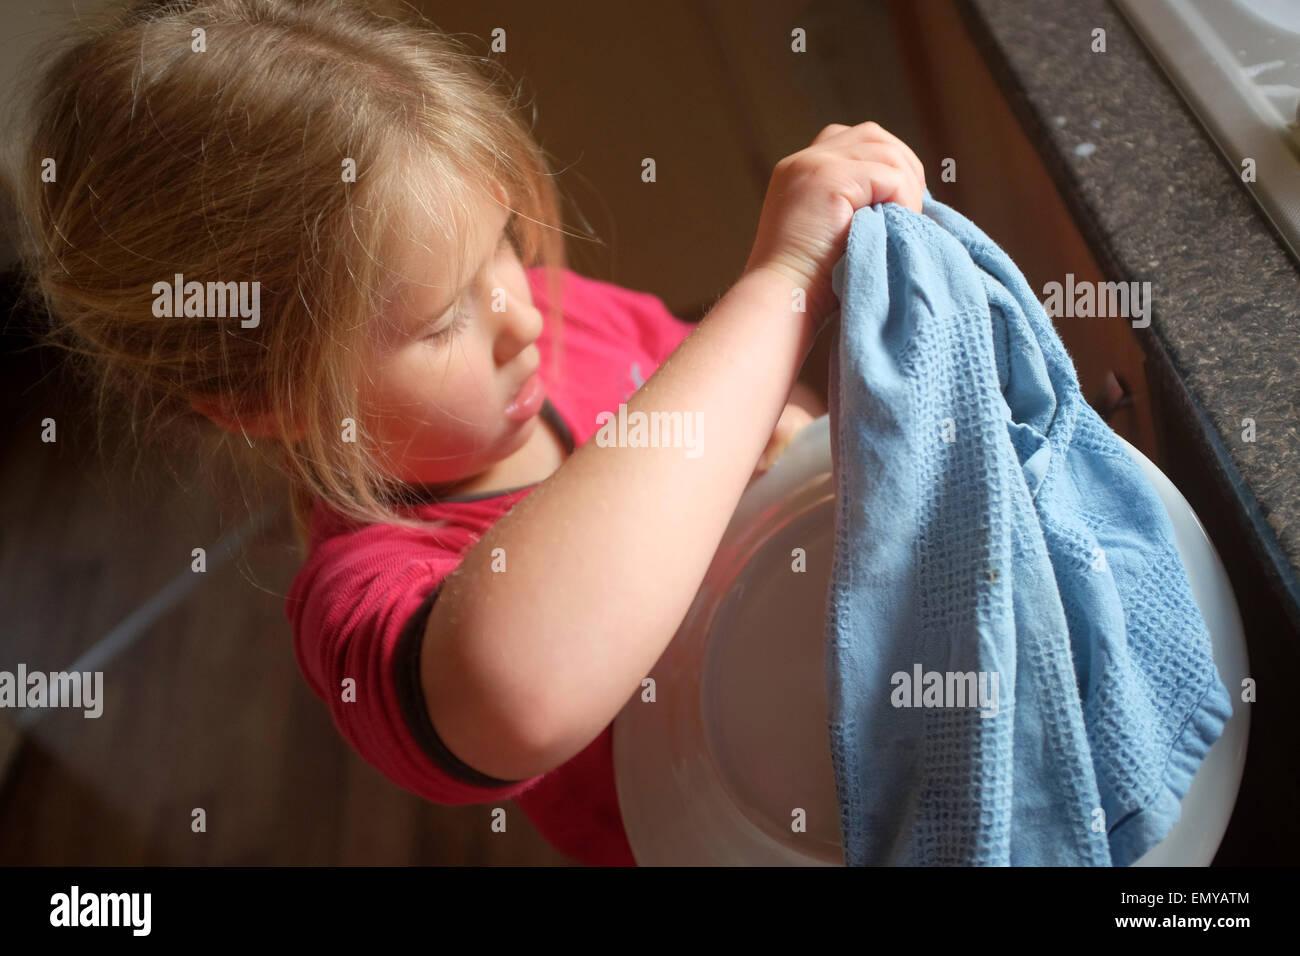 abwasch stockfotos abwasch bilder alamy. Black Bedroom Furniture Sets. Home Design Ideas